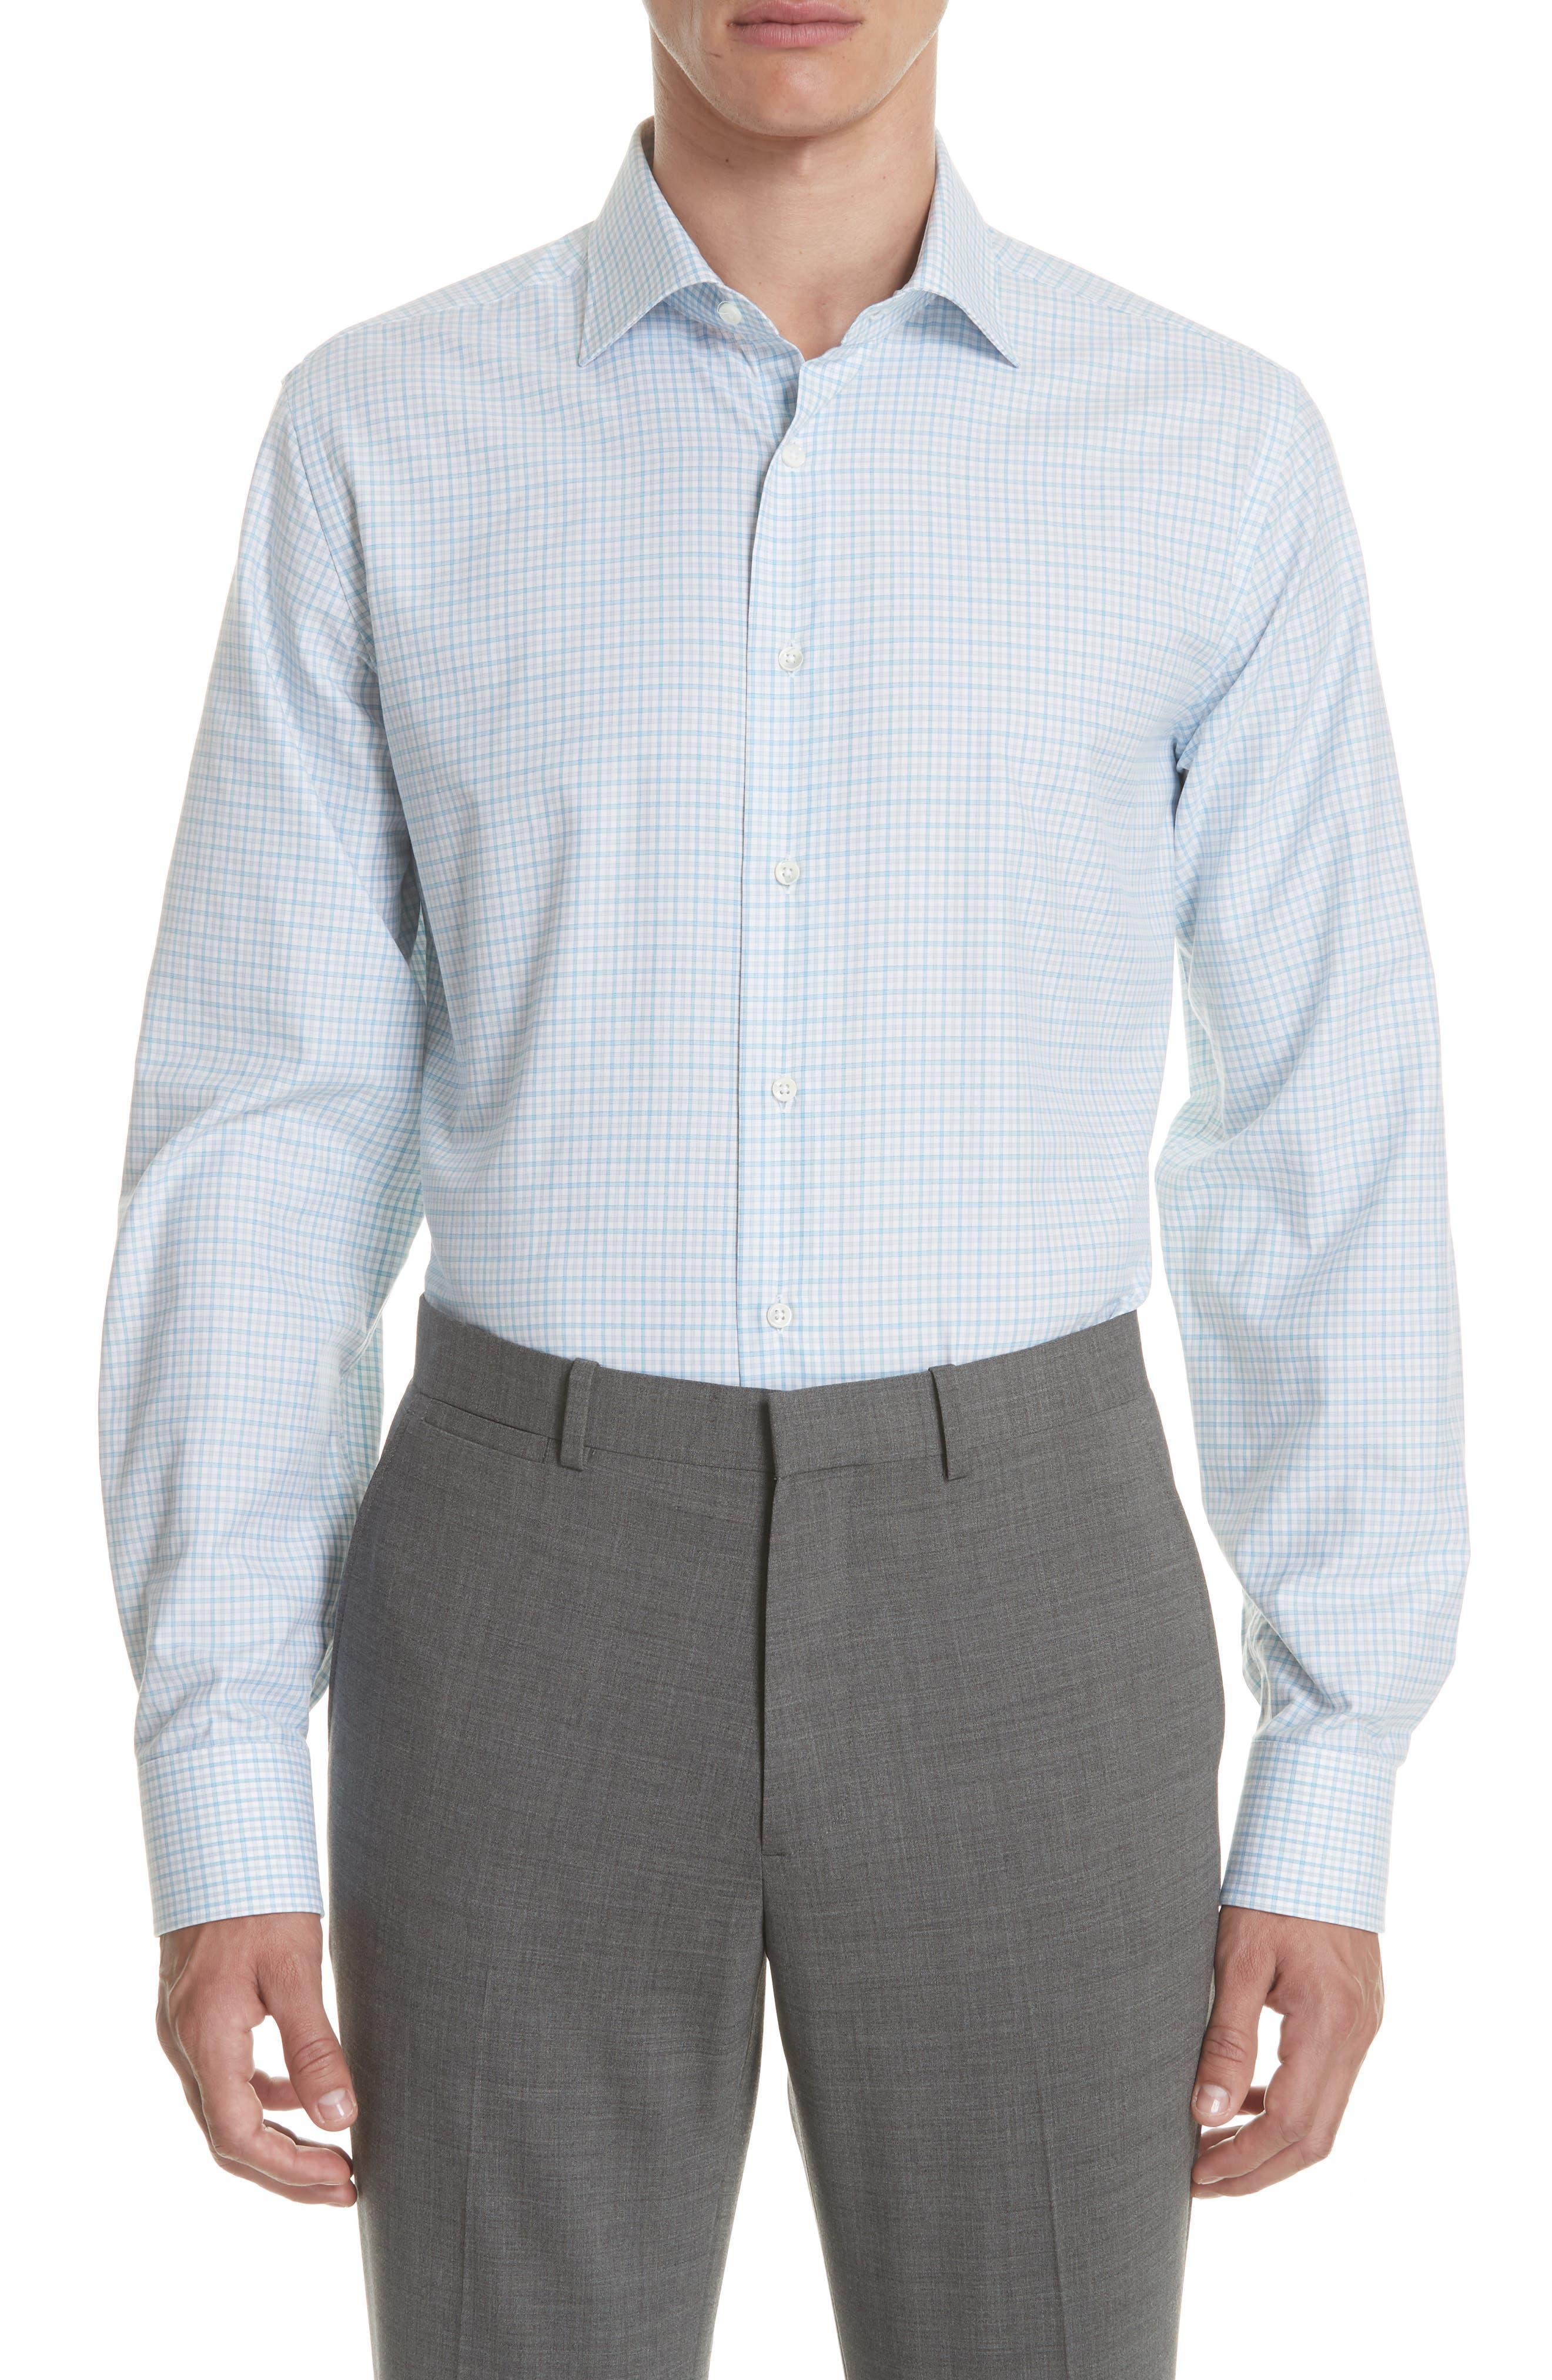 Regular Fit Check Dress Shirt,                             Main thumbnail 1, color,                             440